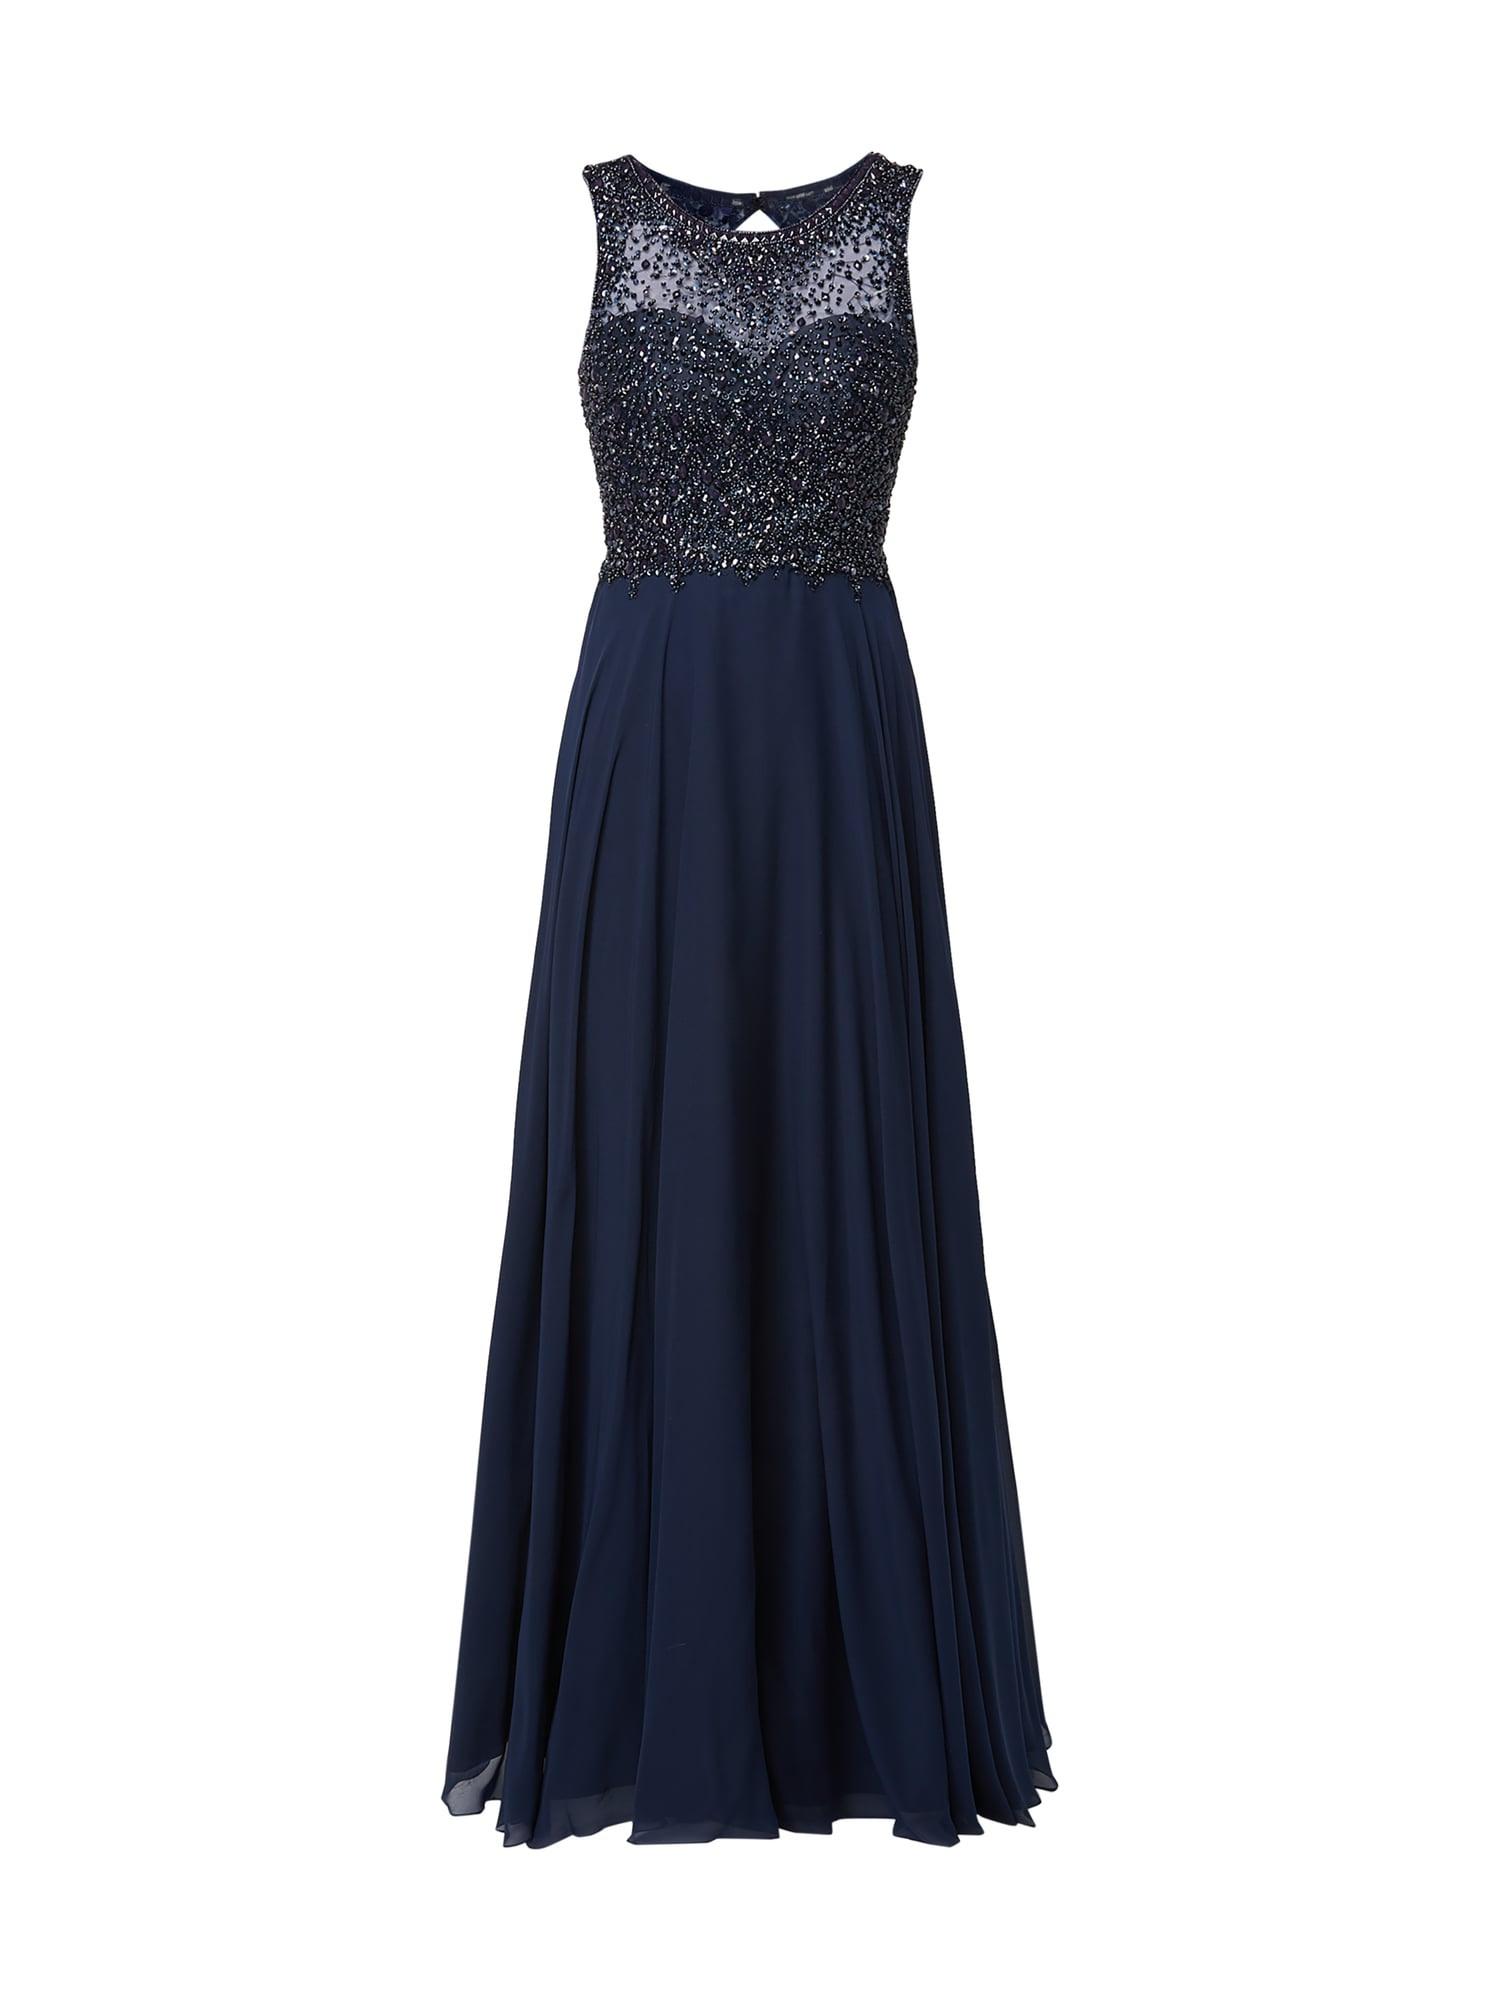 13 Schön Abend Kleid Dunkel Blau StylishFormal Schön Abend Kleid Dunkel Blau Stylish